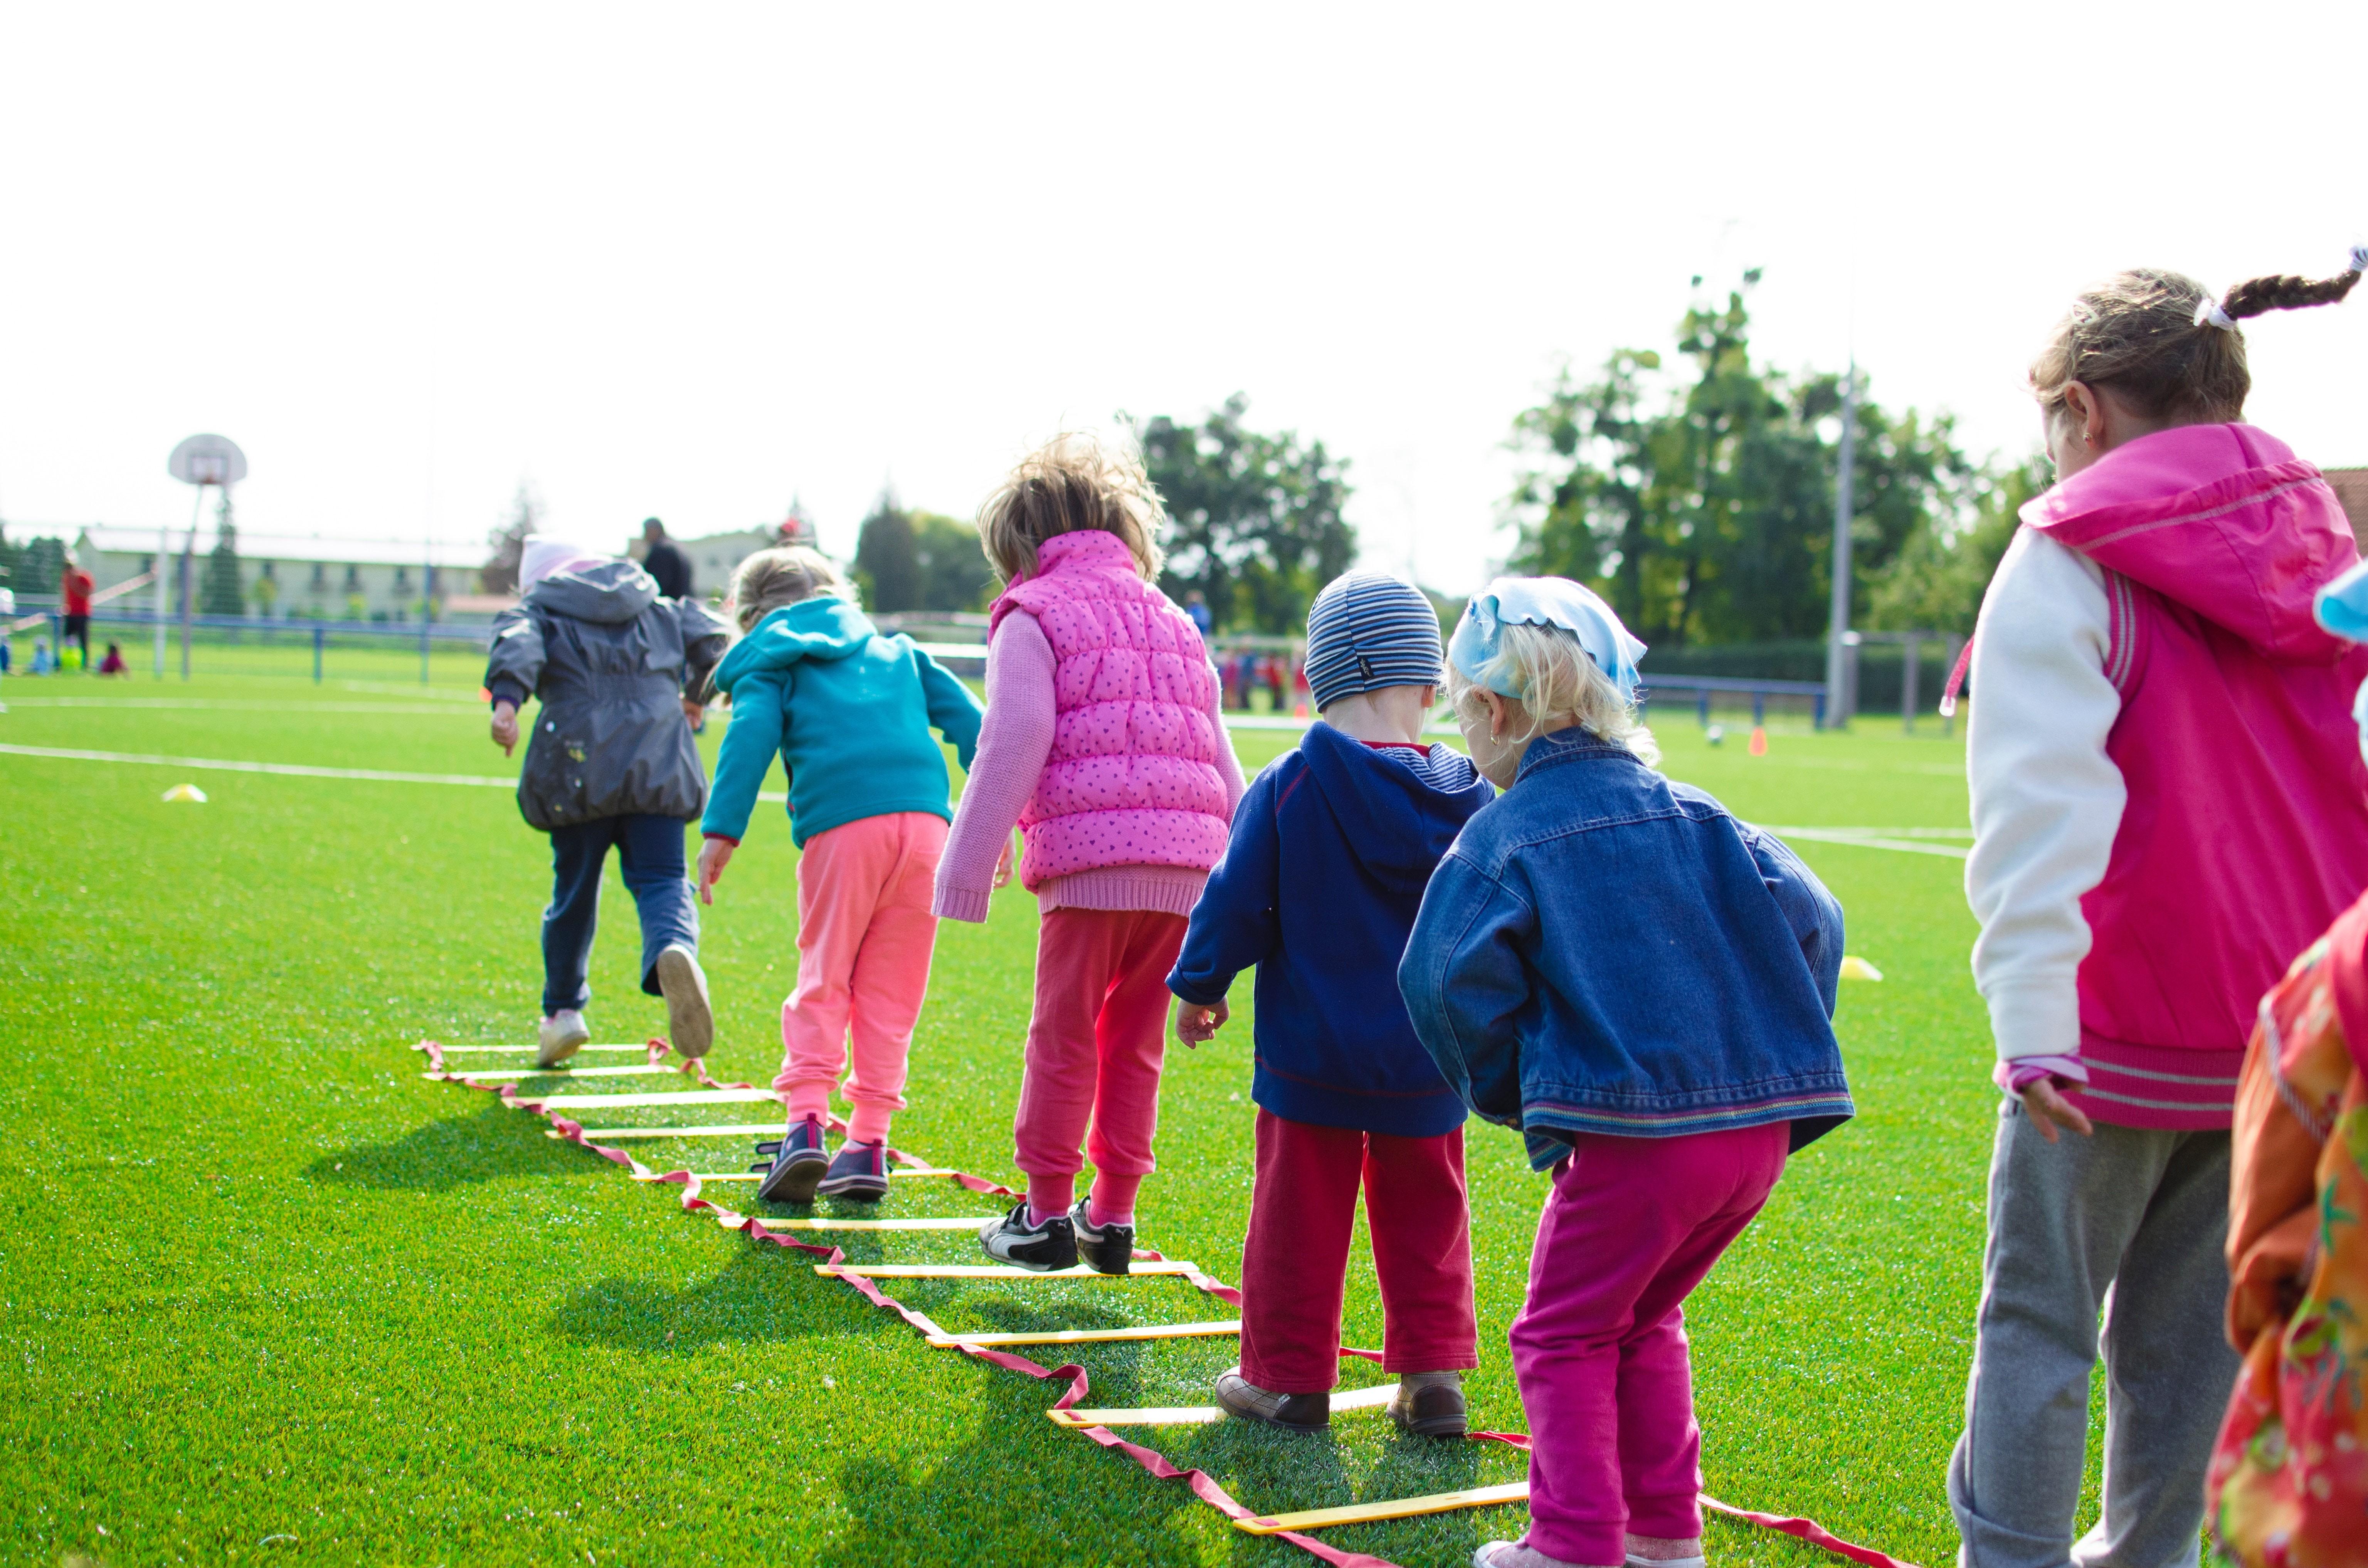 Escola na Islândia ensina criança a crescer sem estereótipos de gênero - Noticias